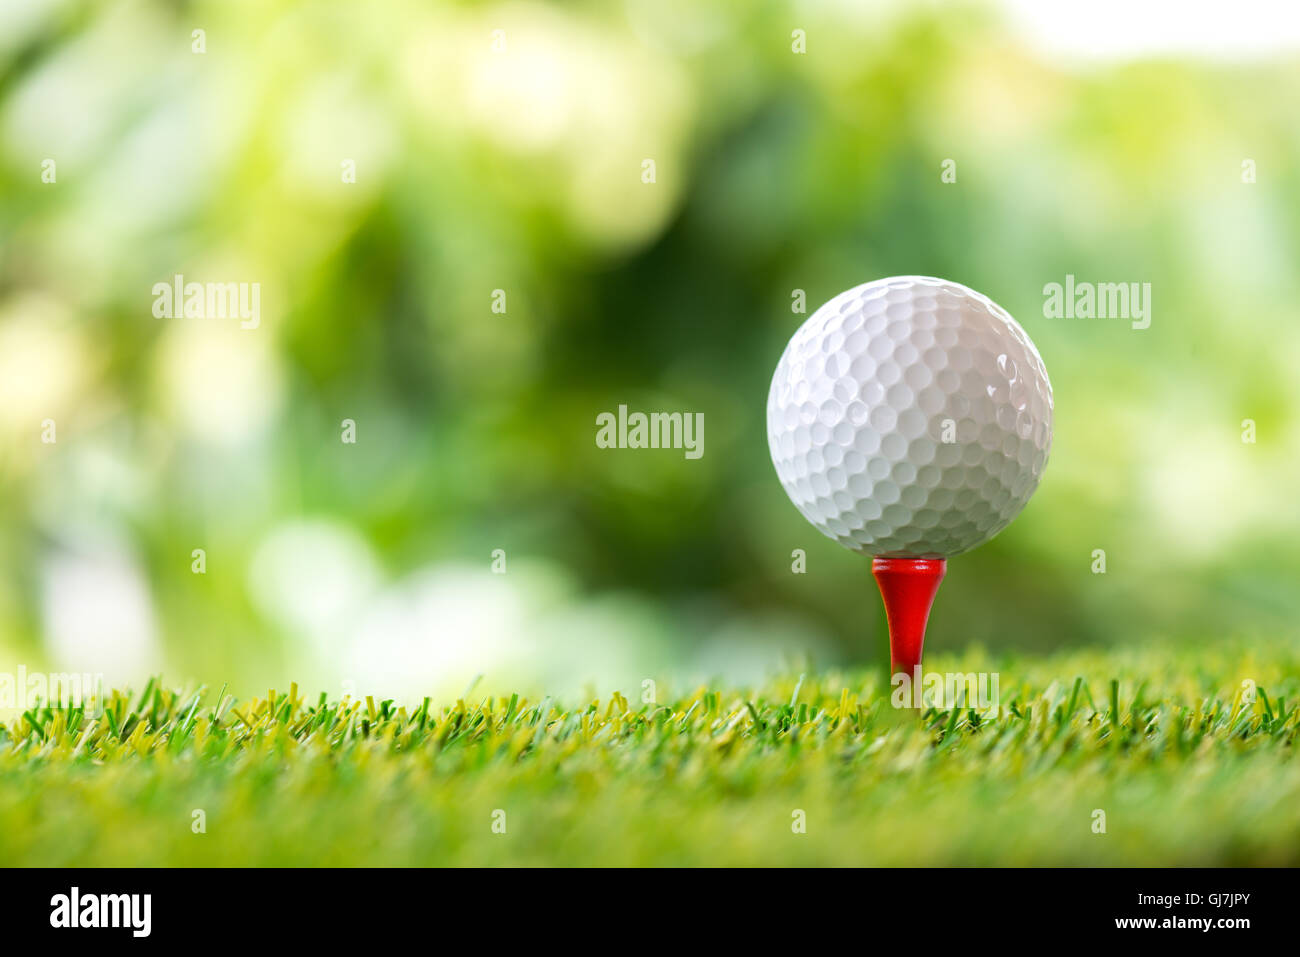 Pelota de golf sobre el tee en campo de golf Imagen De Stock